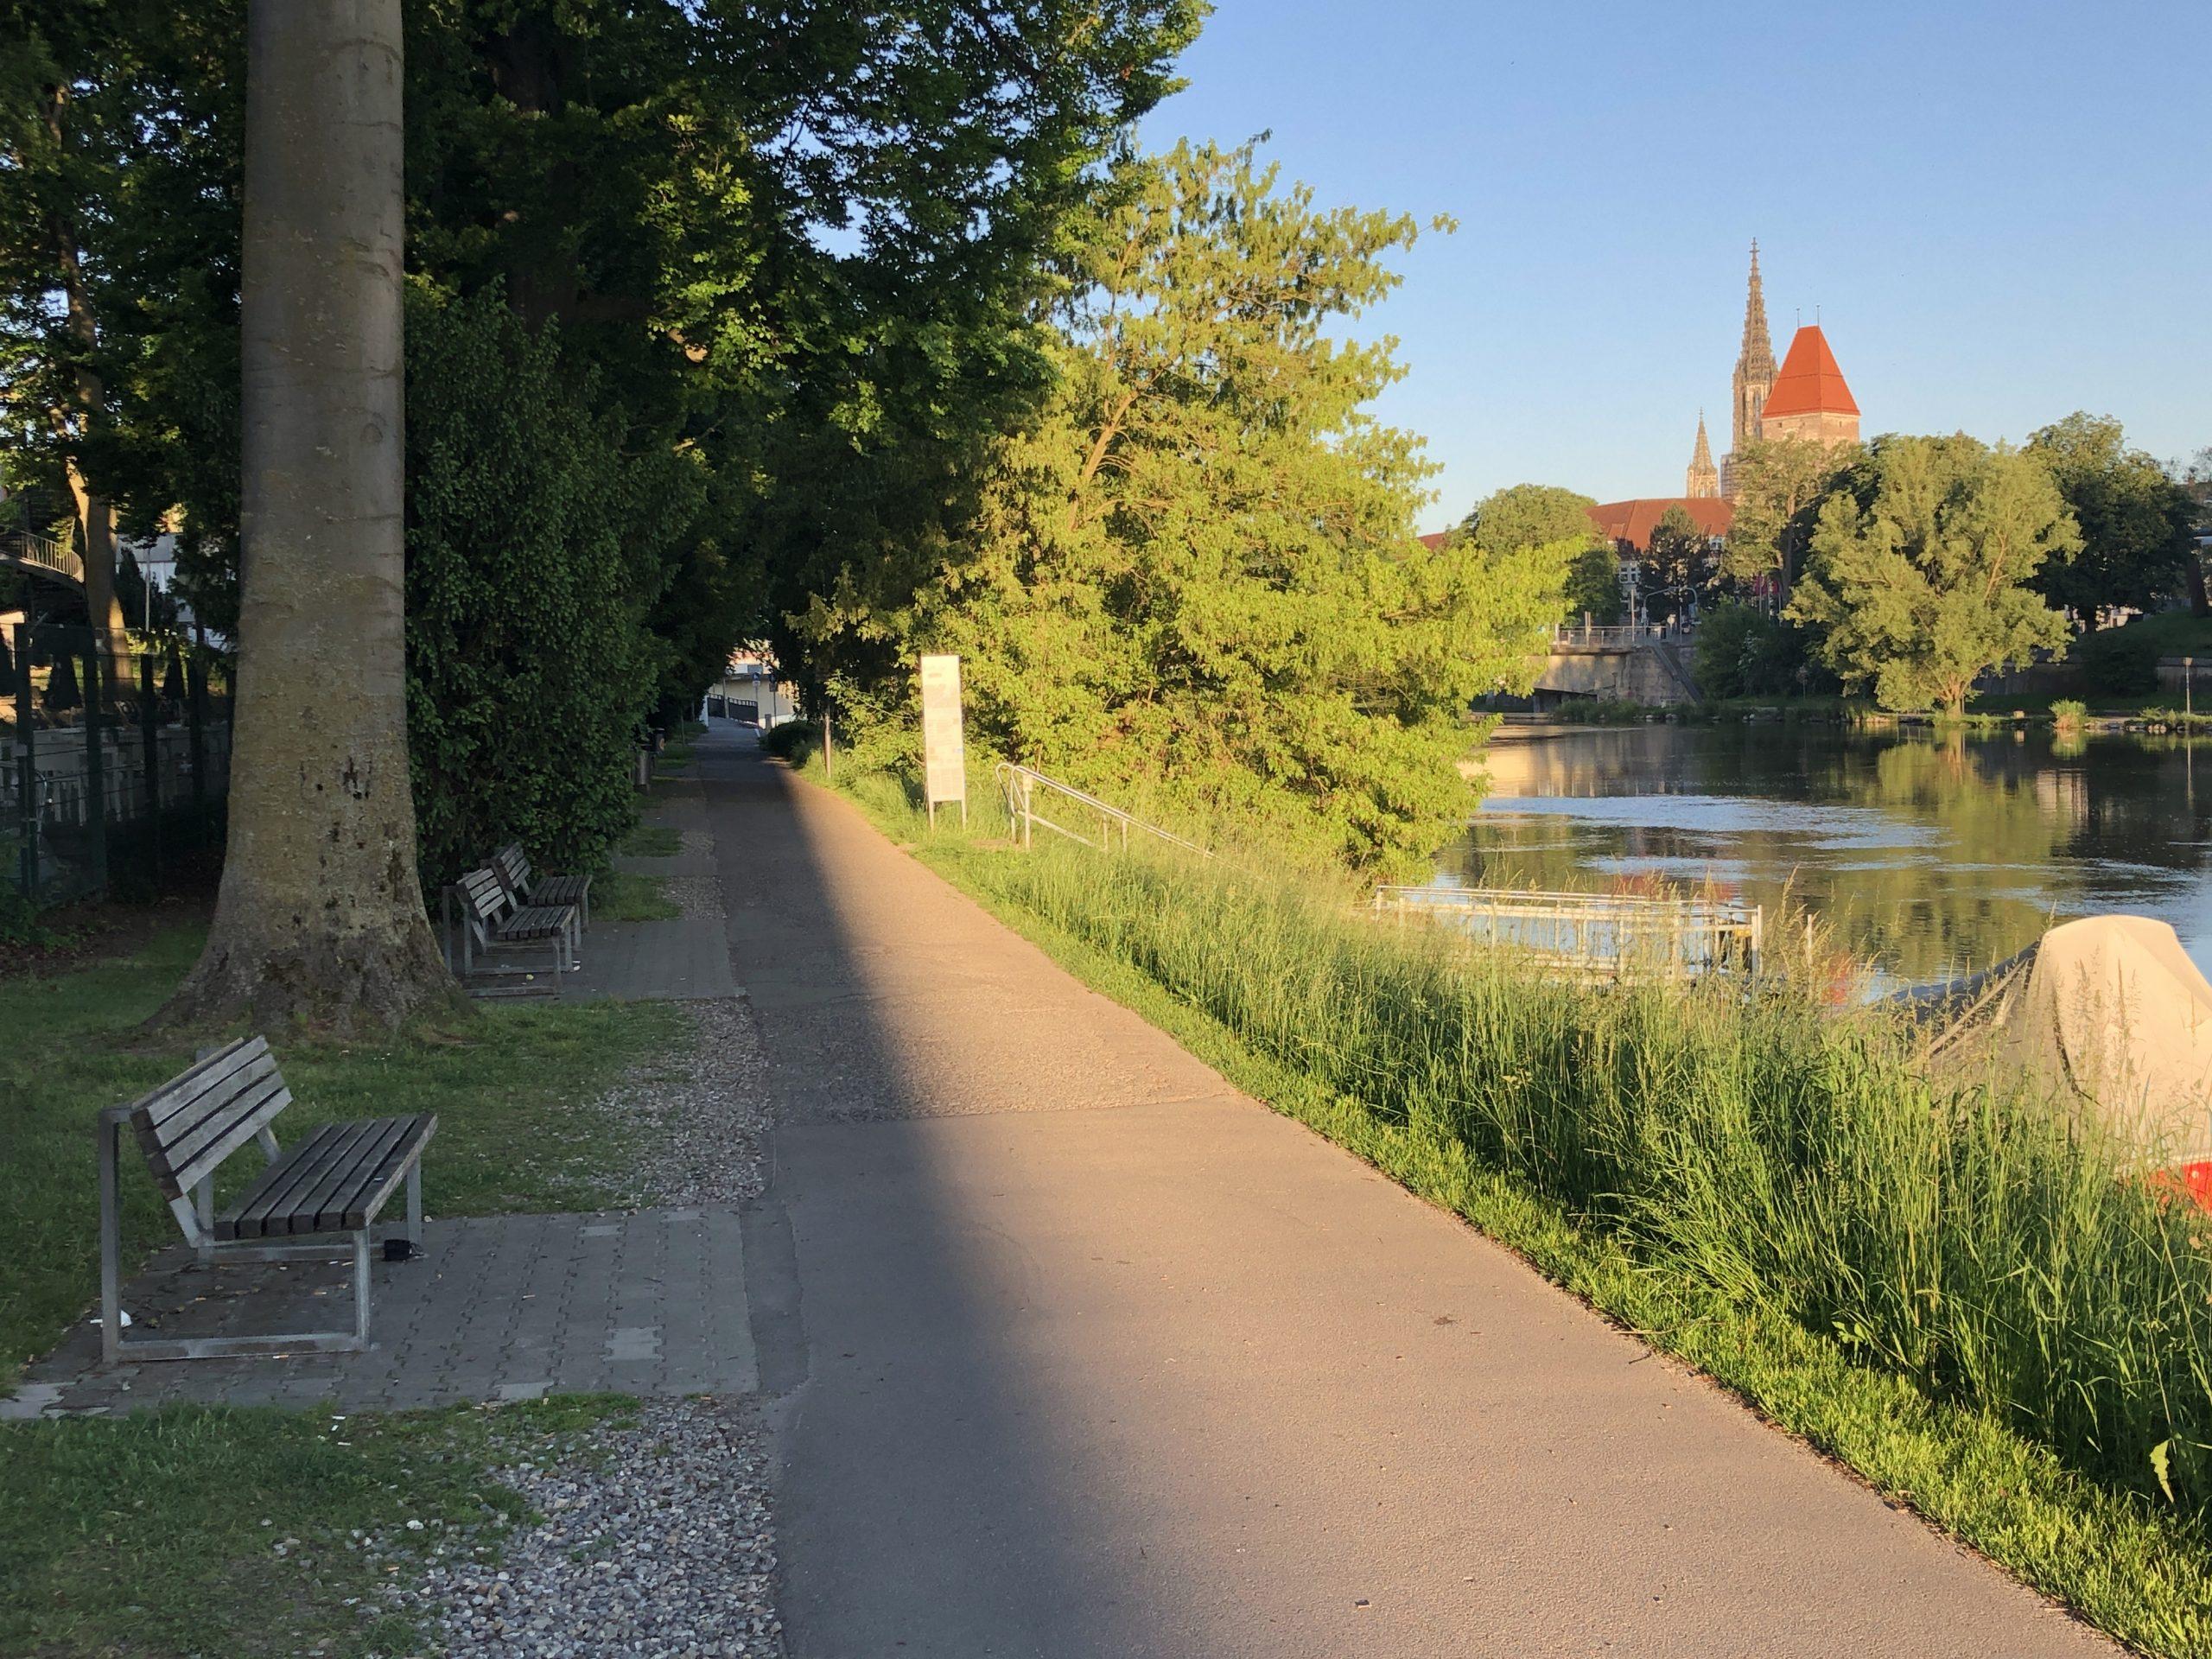 Neugestaltung des Donauuferweges zwischen Gänstor-Unterführung und Kantstraße